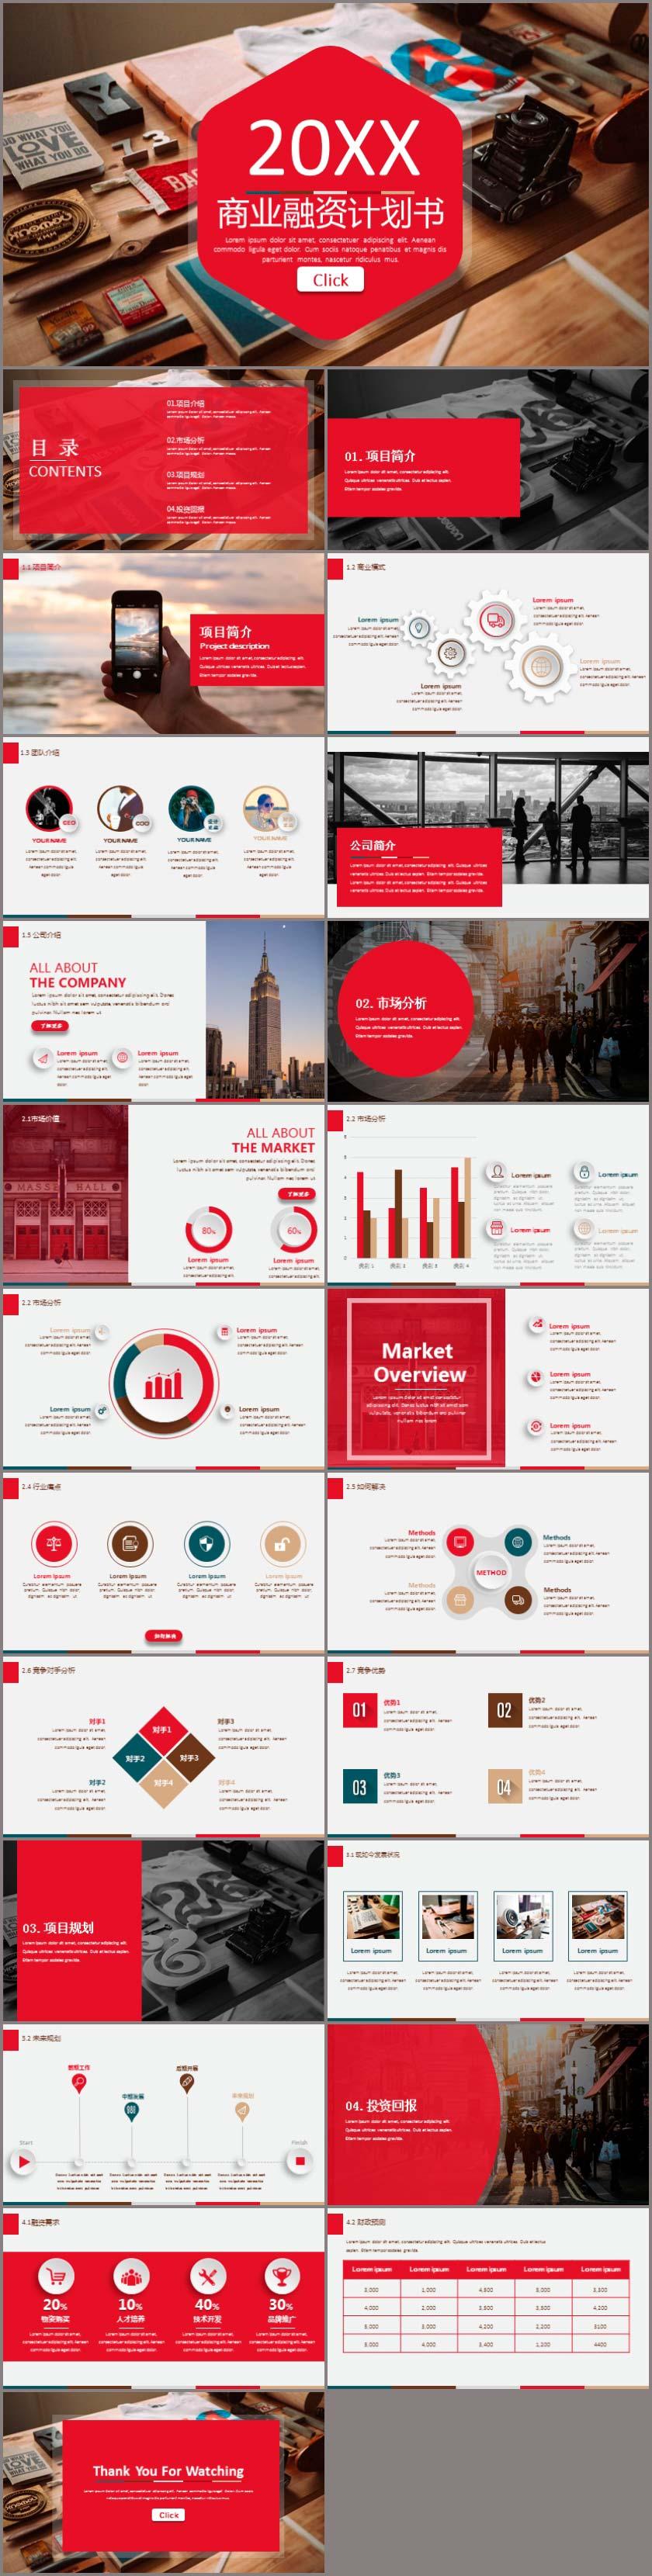 红色主题商业融资计划书PPT模板